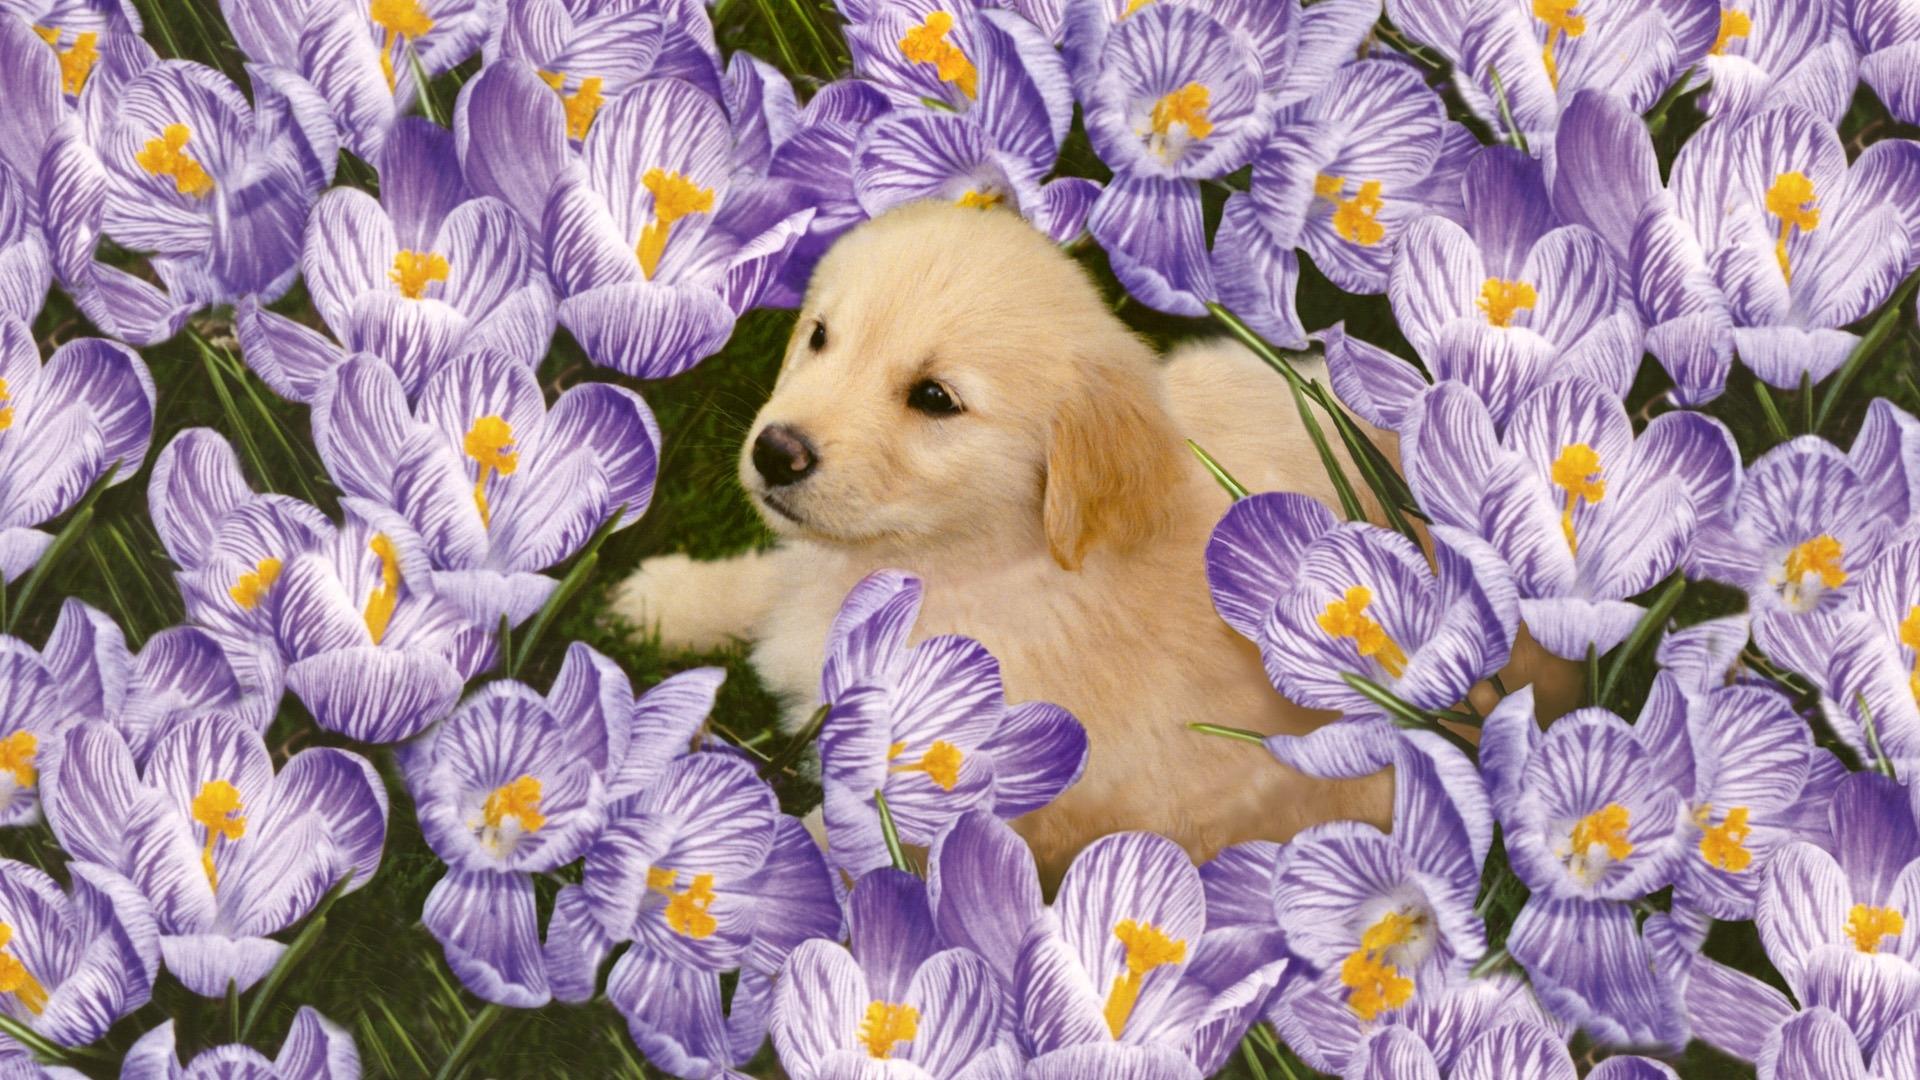 красивые открытки с цветами и животными зависимости способа производства